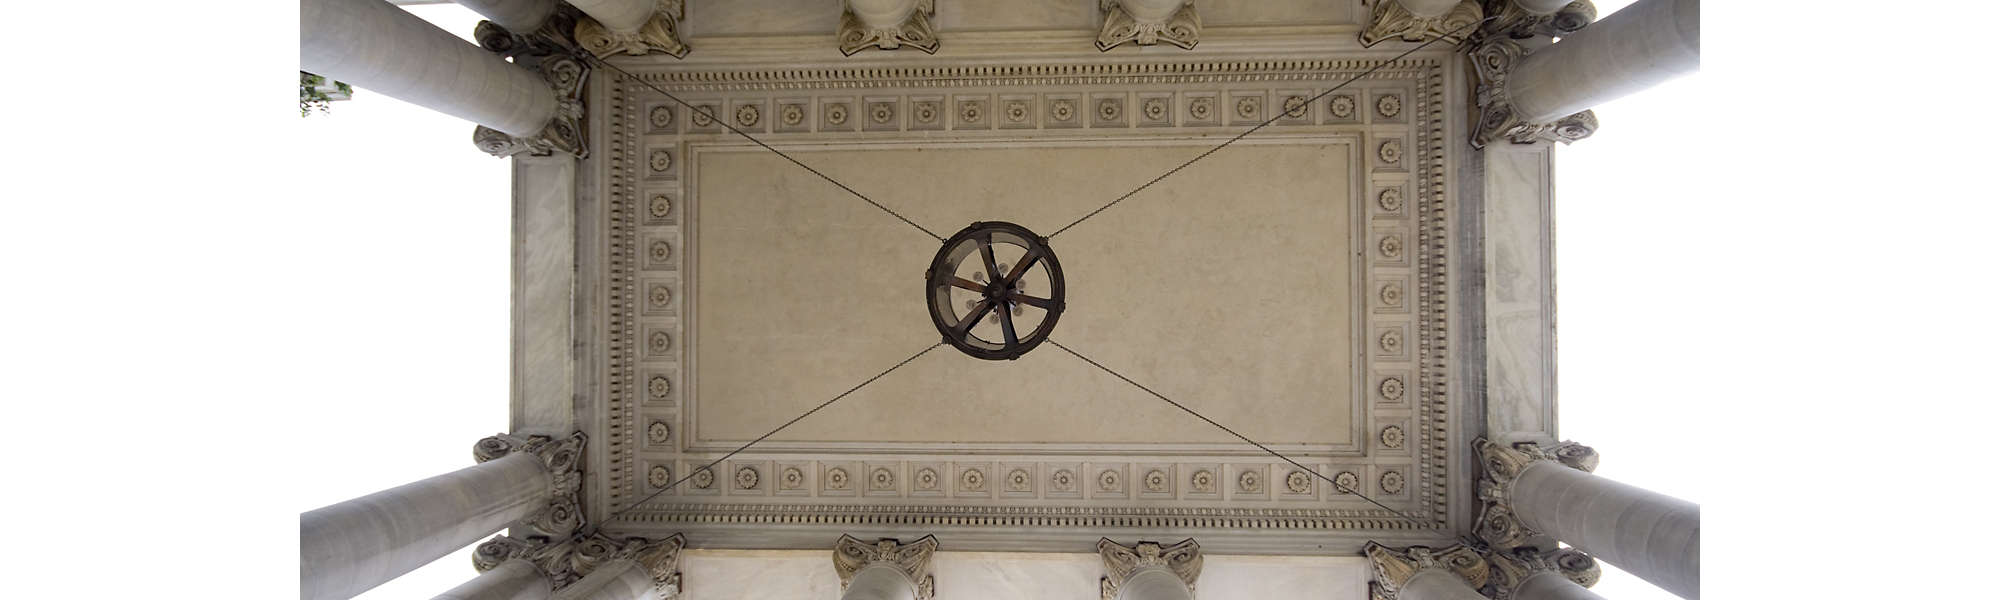 neoclassical pillars dc